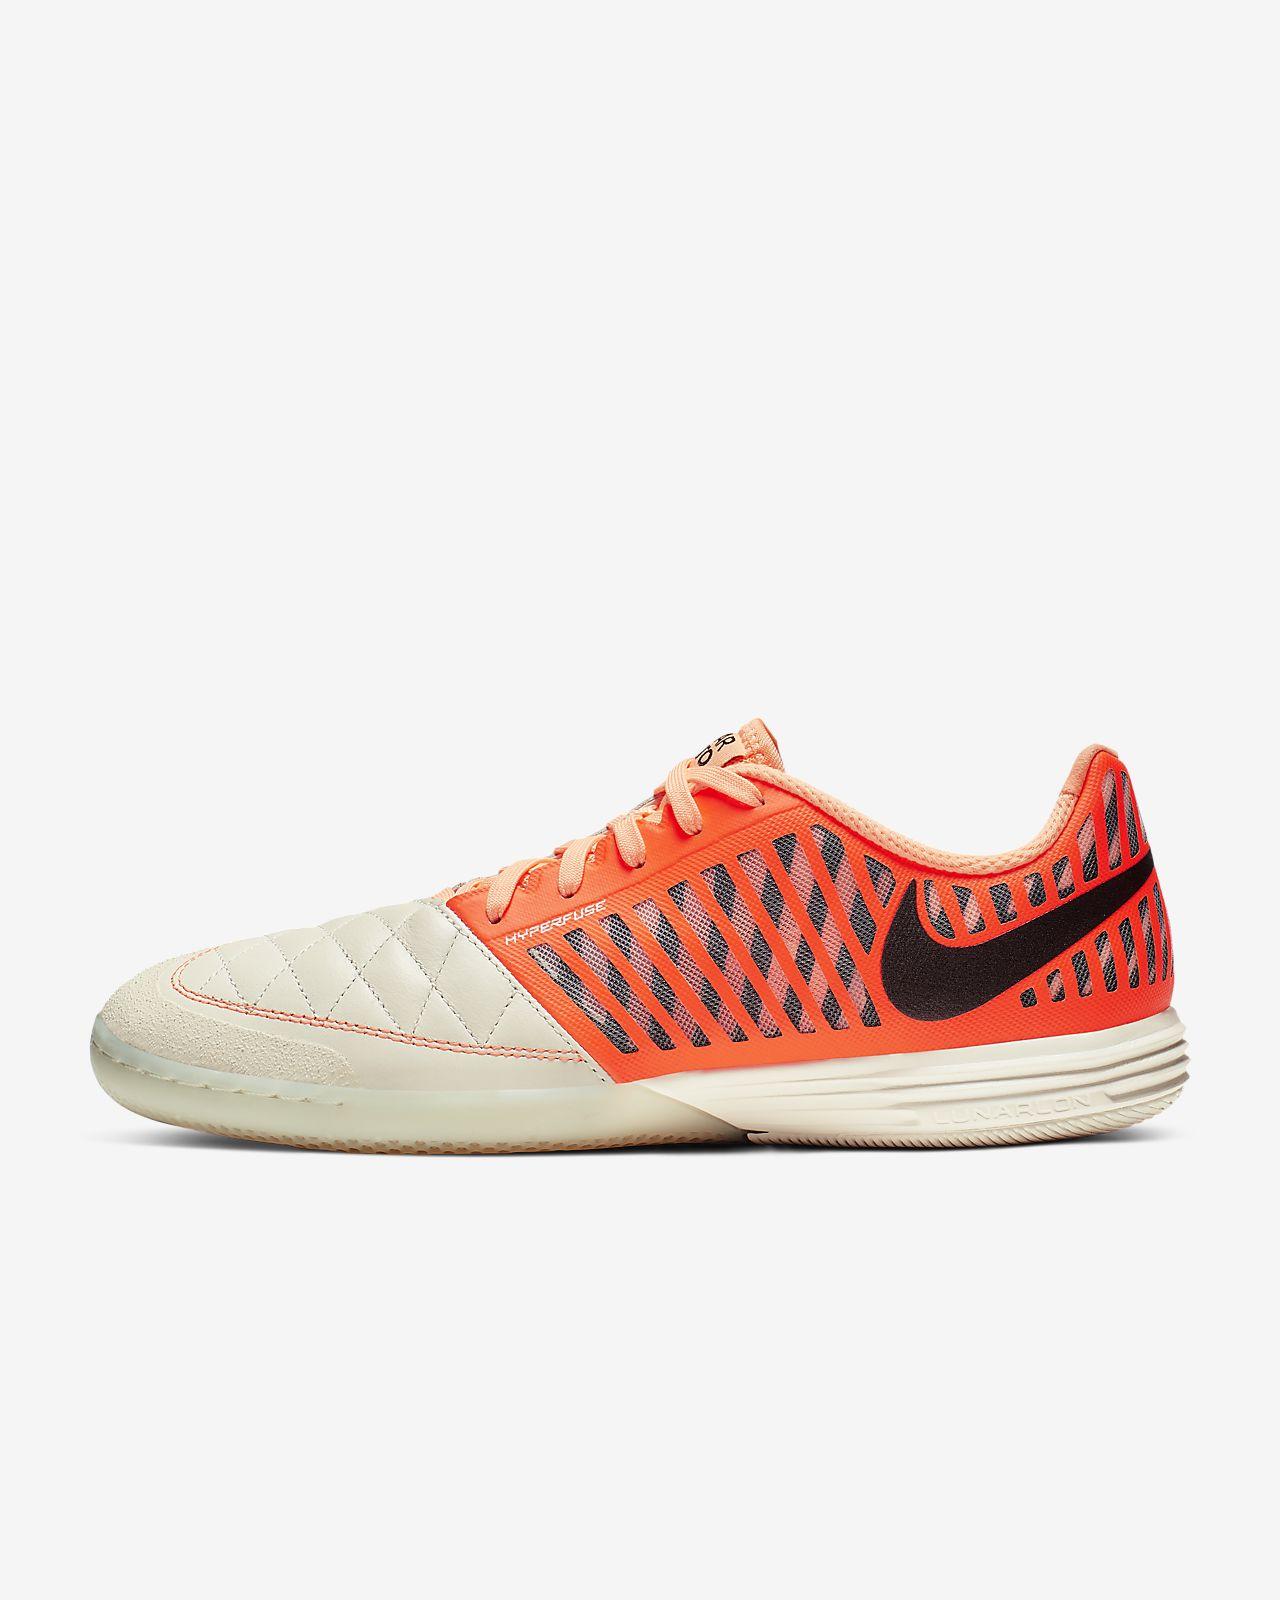 Nike Lunar Gato II IC fotballsko til innendørsbane/gate